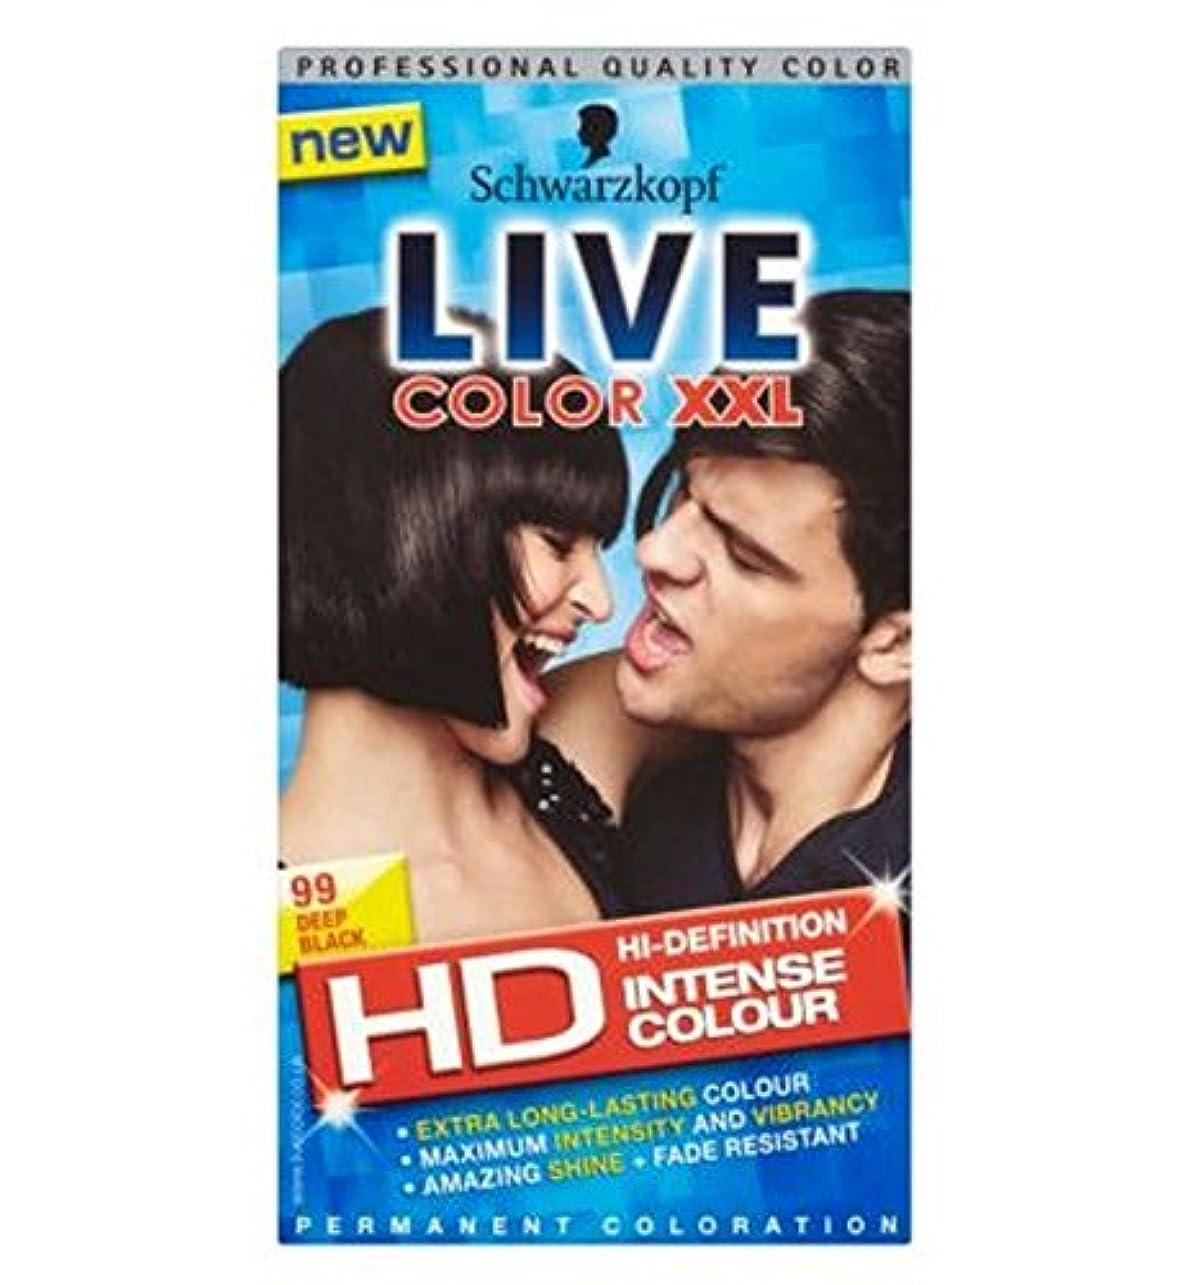 ドール病弱熟考するSchwarzkopf LIVE Color XXL HD 99 Deep Black Permanent Black Hair Dye - シュワルツコフライブカラーXxl Hd 99深い黒のパーマネント黒染毛剤 (Schwarzkopf) [並行輸入品]